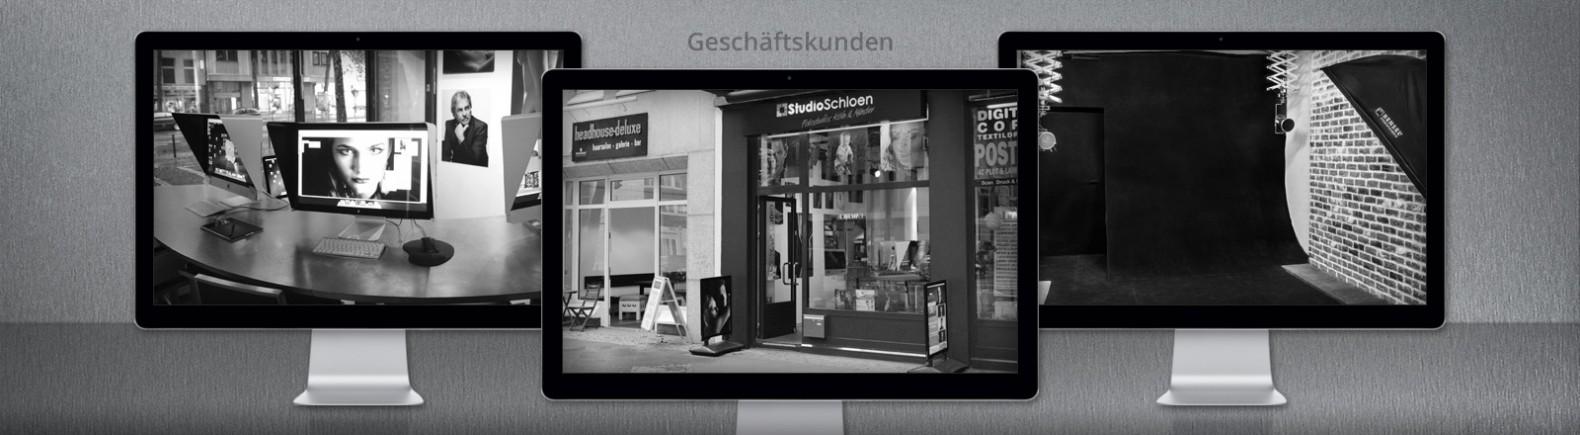 03_ueber-uns_business.fotostudio-schloen-duesseldorf.de